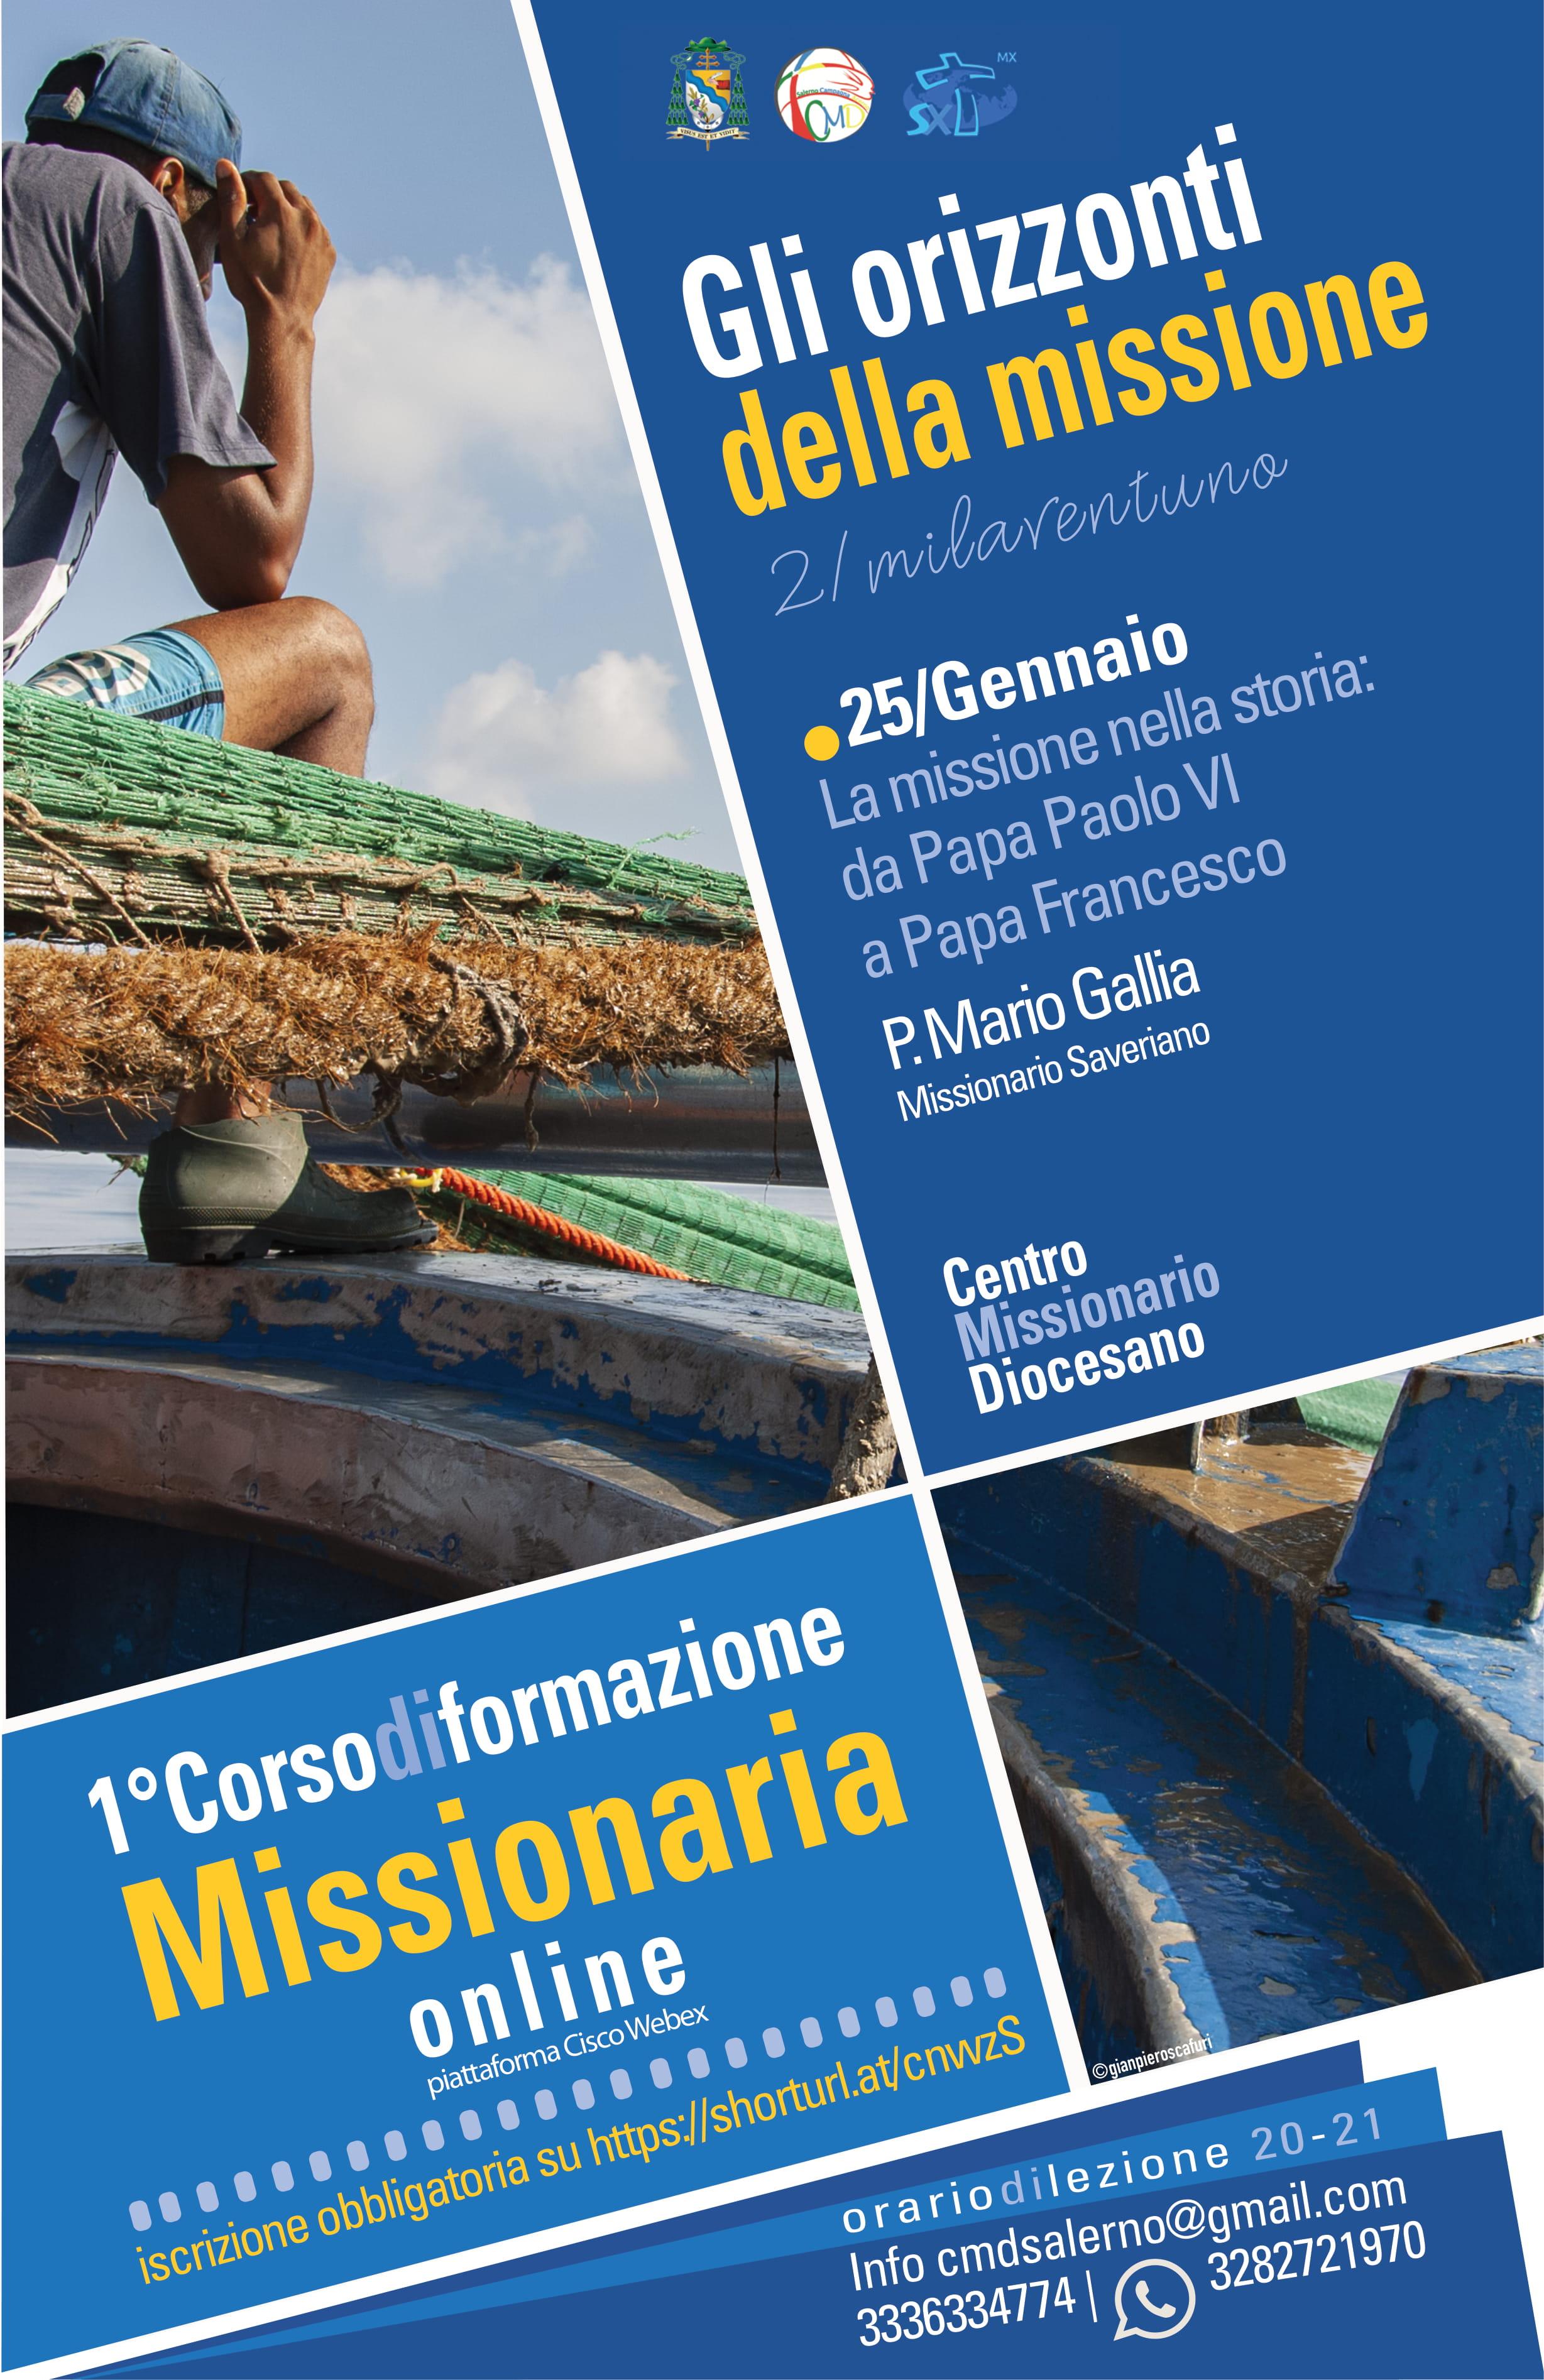 """Primo corso di formazione missionaria """"Gli orizzonti della missione"""" – 2° Lezione – 25 Gennaio"""